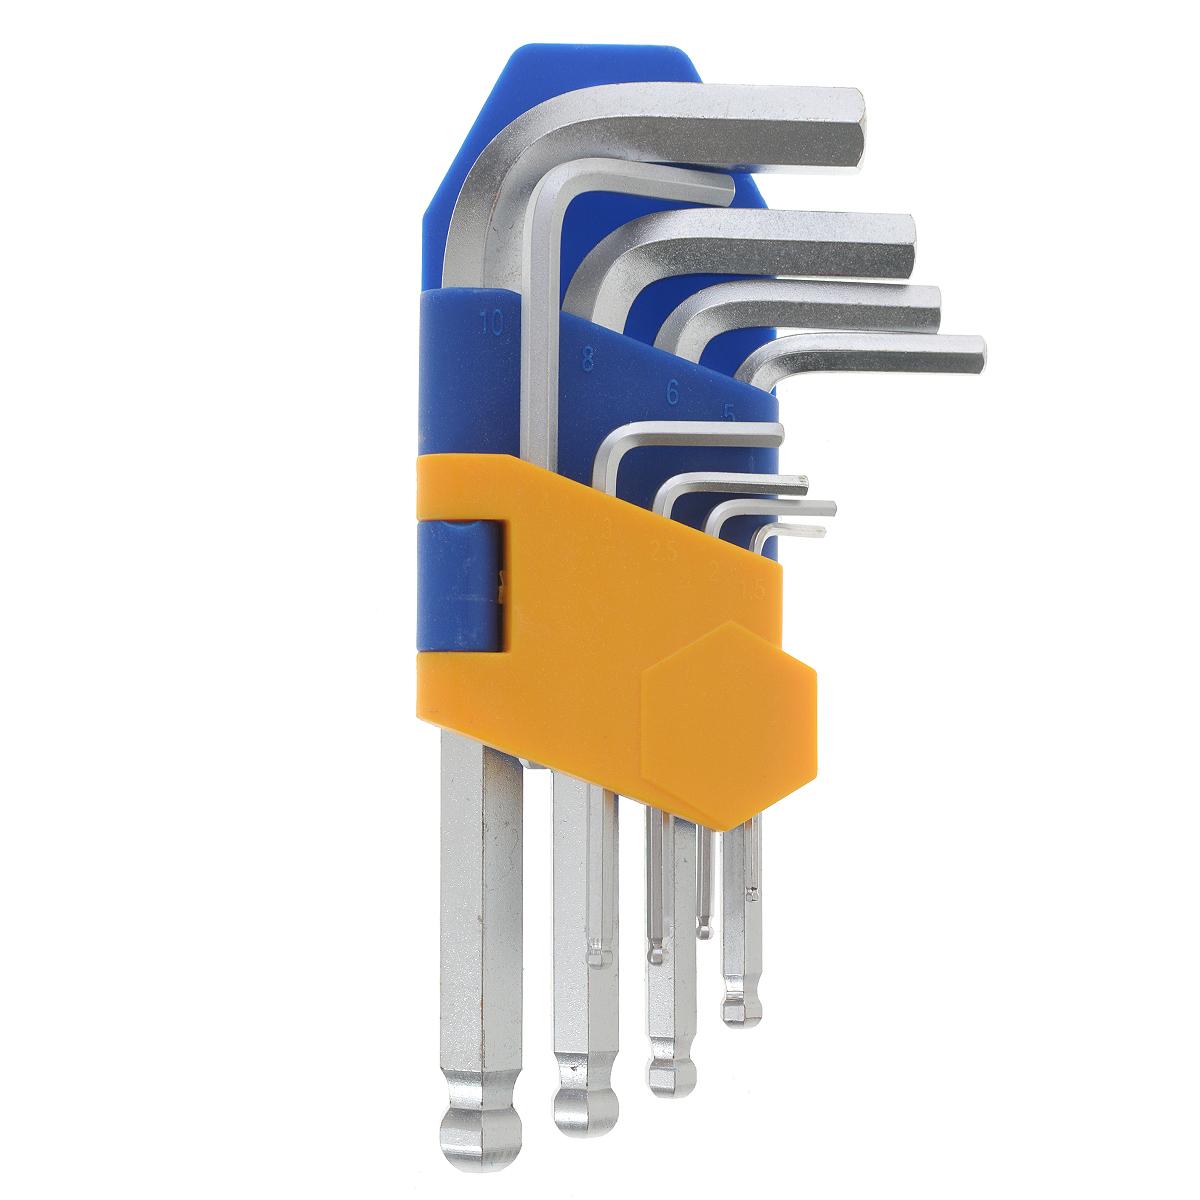 Набор ключей шестигранных Kraft Professional, коротких, с шаром, 1,5 мм - 10 мм, 9 шт98298130Набор шестигранных коротких ключей Kraft Professional предназначен для работы с крепежными элементами, имеющими внутренний шестигранник. Каждый ключ изготовлен из хромованадиевой стали и оснащен шаровым наконечником, который позволяет работать в труднодоступных местах под углом до 25 градусов. В набор входят ключи: 1,5 мм, 2 мм, 2,5 мм, 3 мм, 4 мм, 5 мм, 6 мм, 8 мм, 10 мм.